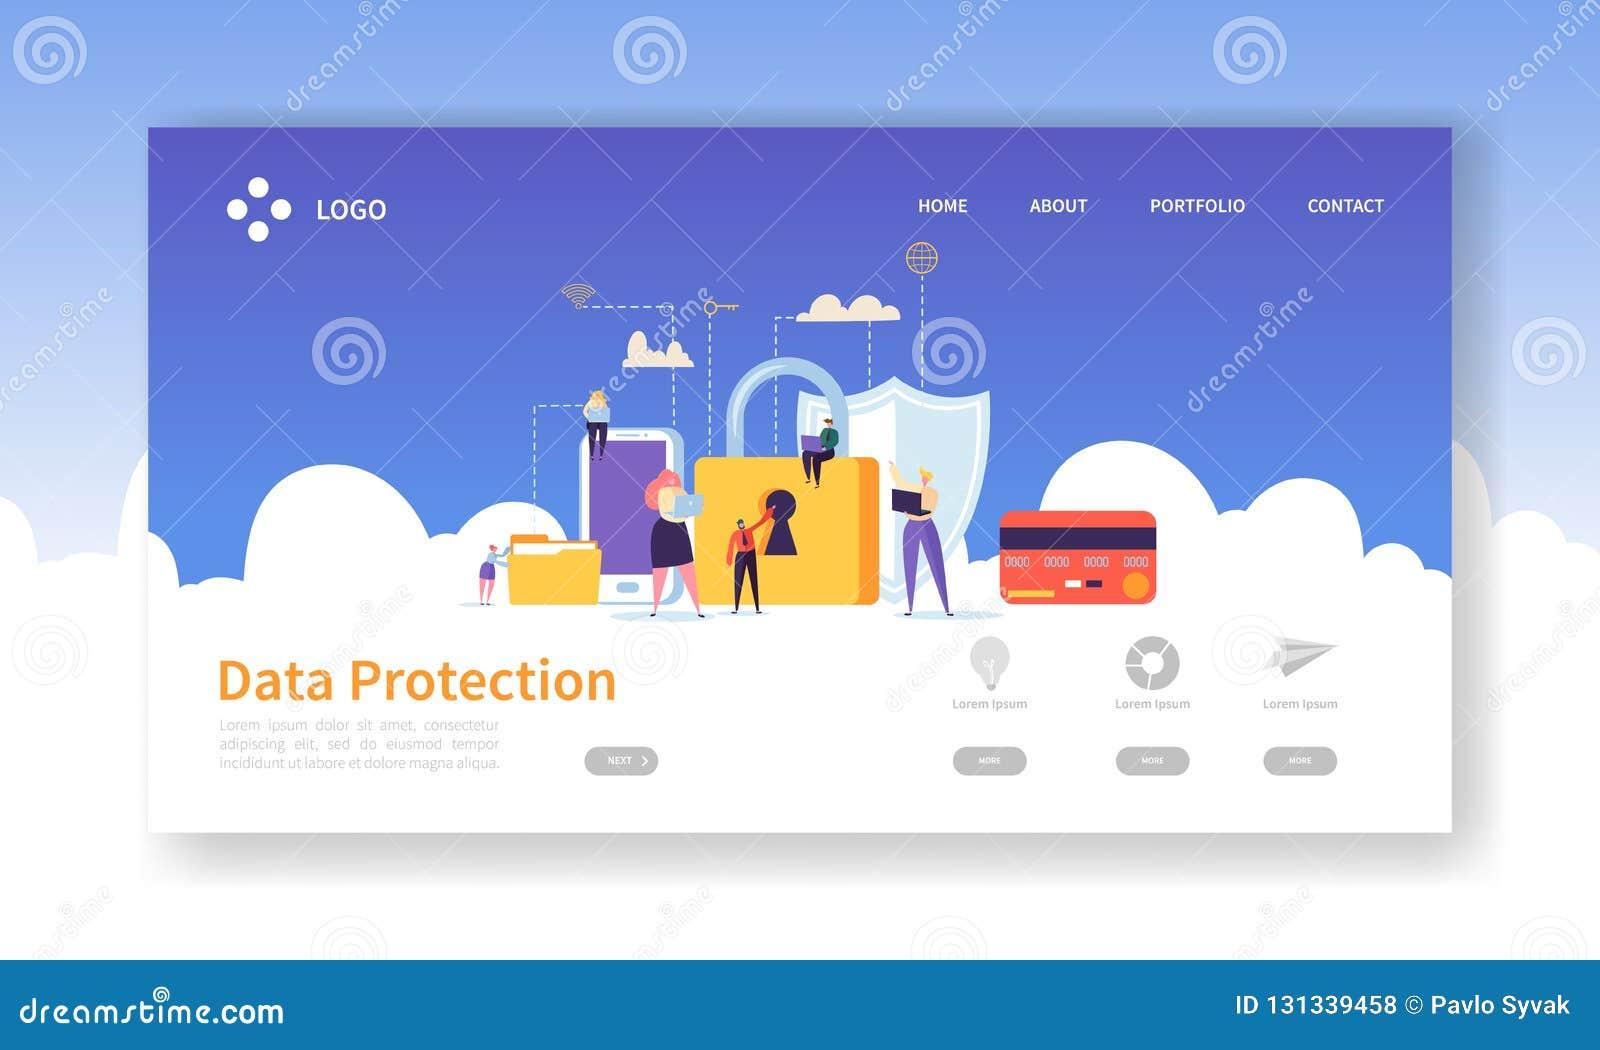 Netzwerksicherheits-Landungs-Seite Daten-Schutz-Fahne mit flachen Leute-Charakteren und Digital-Daten-sicherer Website